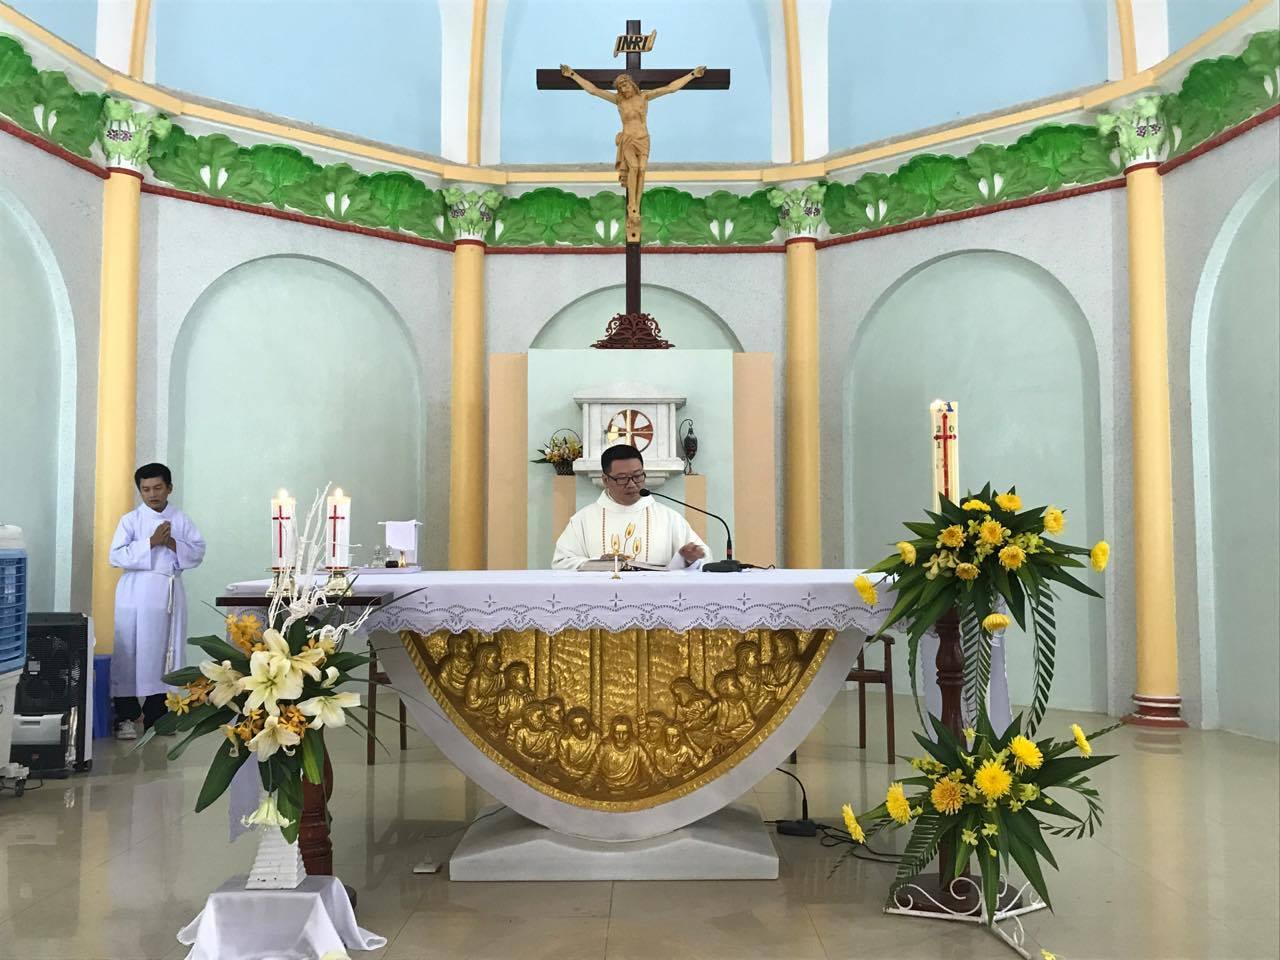 Nhân viên nhà sách Đức Mẹ Hằng Cứu Giúp hành hương kính viếng Mẹ La Mã